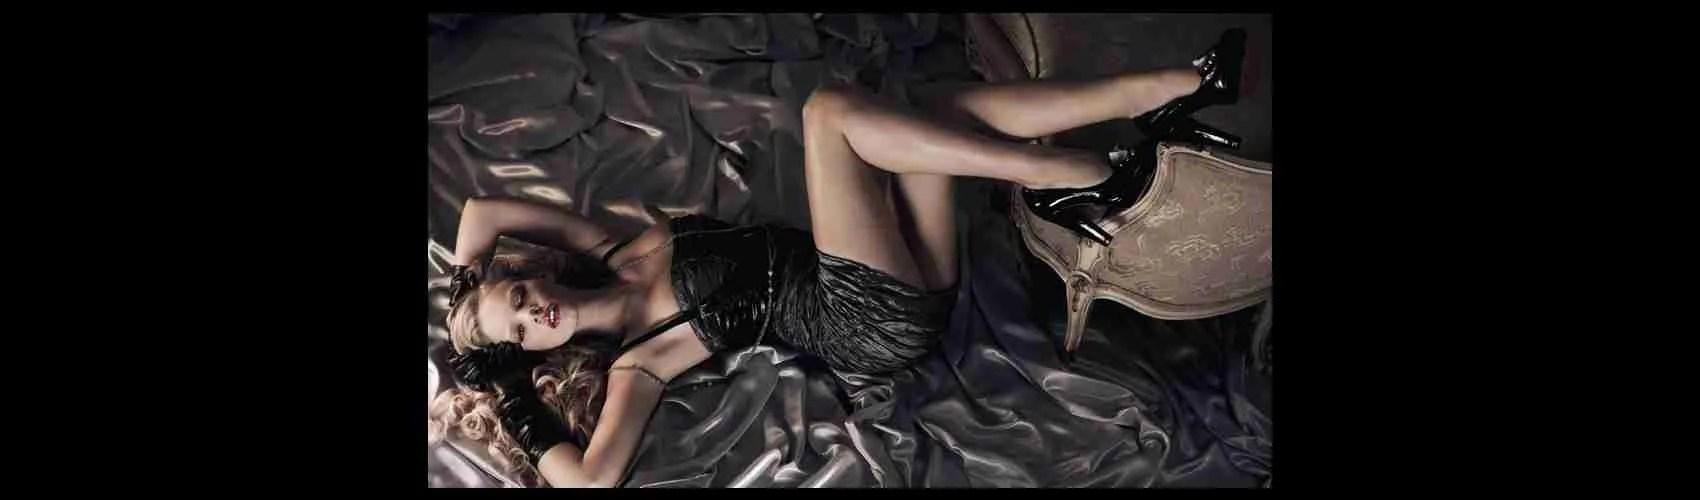 Le escort Teramo sono ragazze bellissime che offrono momenti di piacere e di relax. Magica Escort